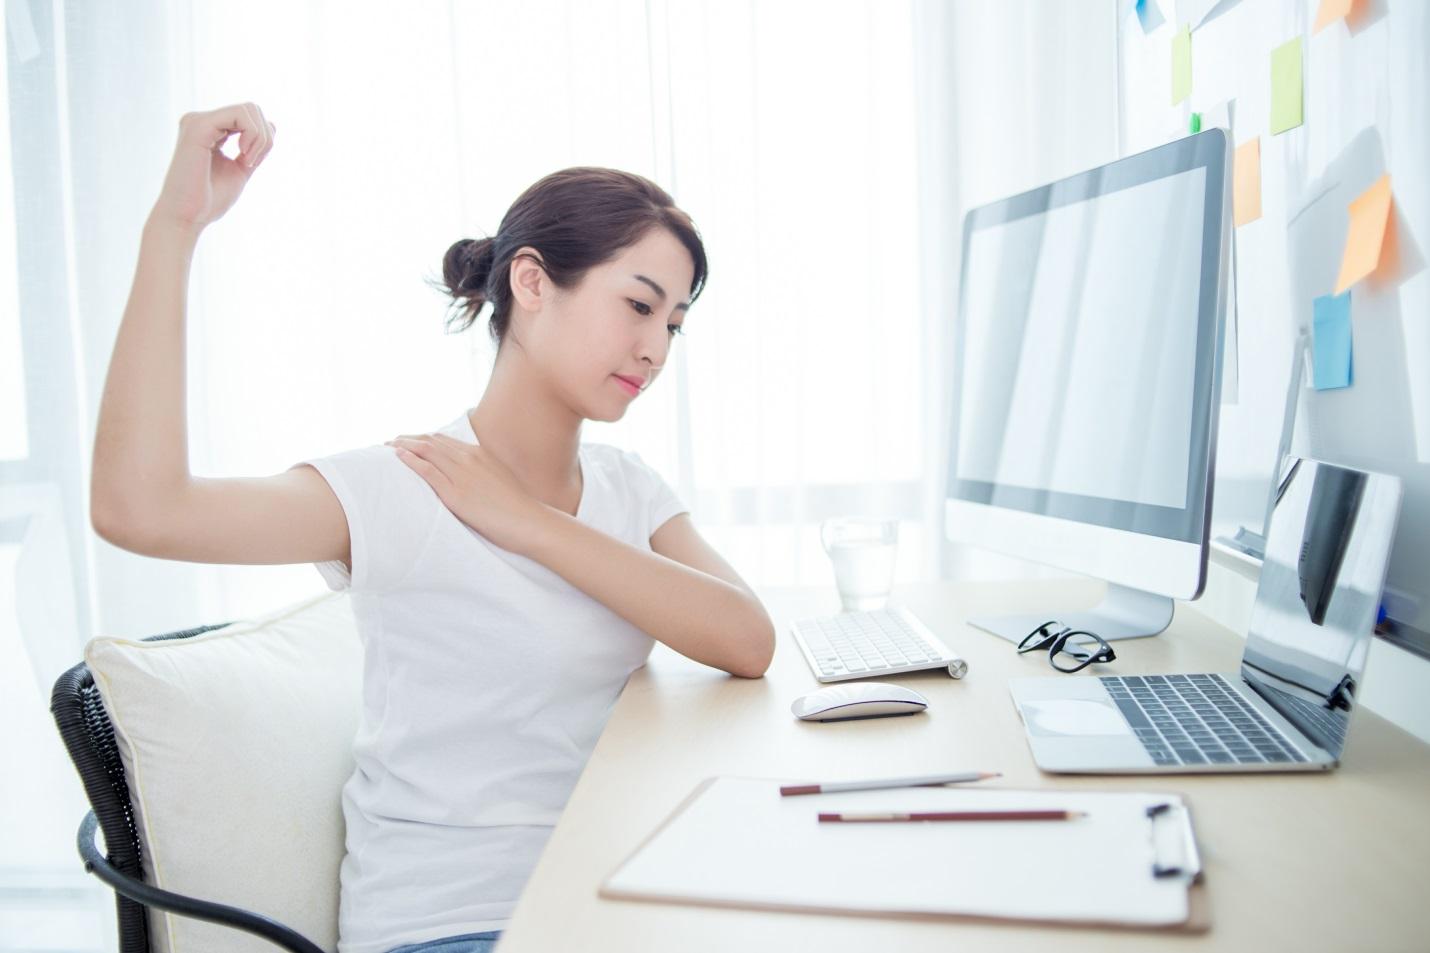 Badan Pegal Linu Akibat WFH? Atasi dengan Cara Sederhana Ini di Rumah